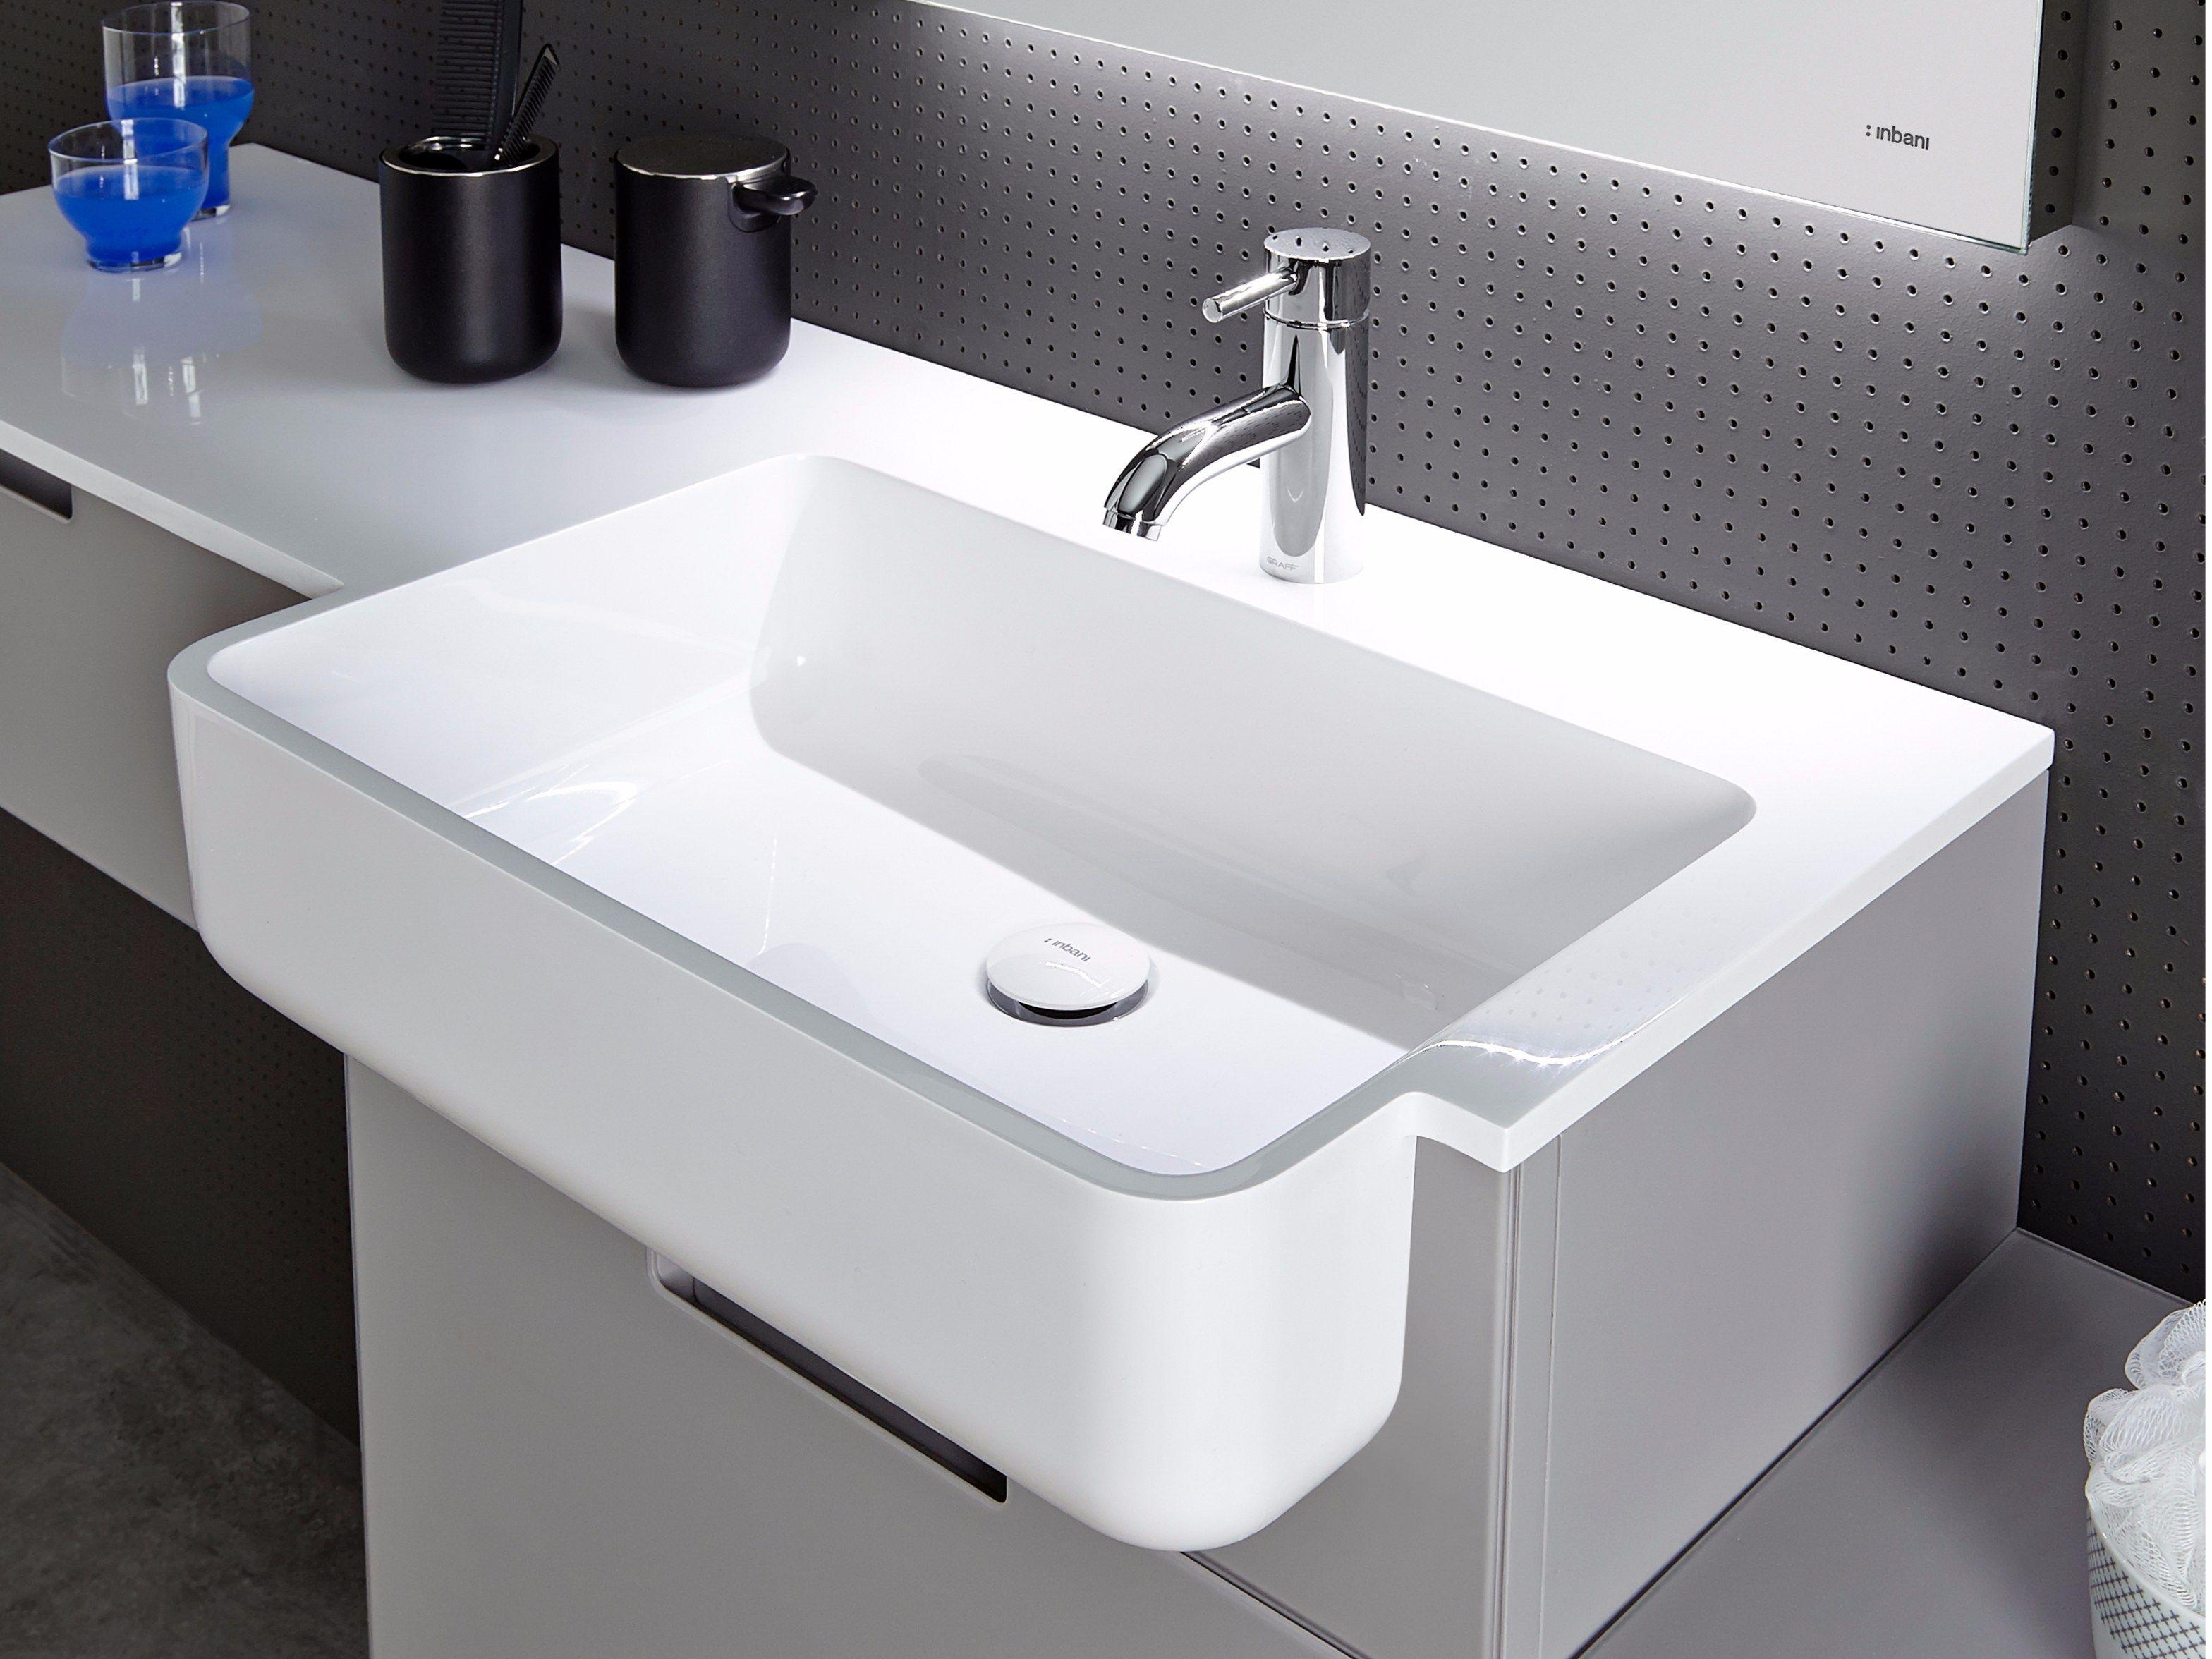 Piano lavabo in Mineralmarmo® EXIO by INBANI